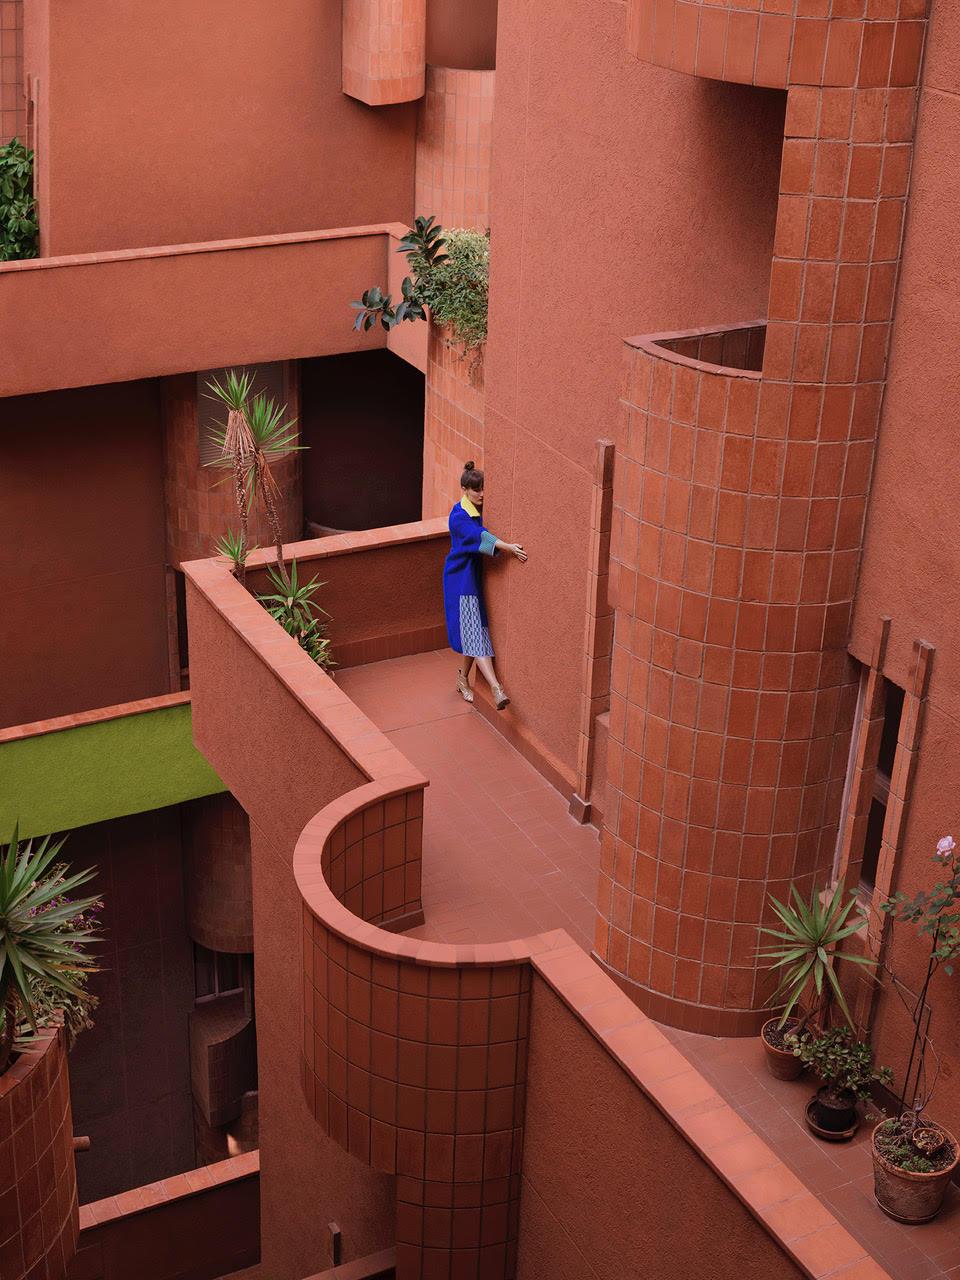 Młoda kobieta pozujaca na zawilym rozowym budynku